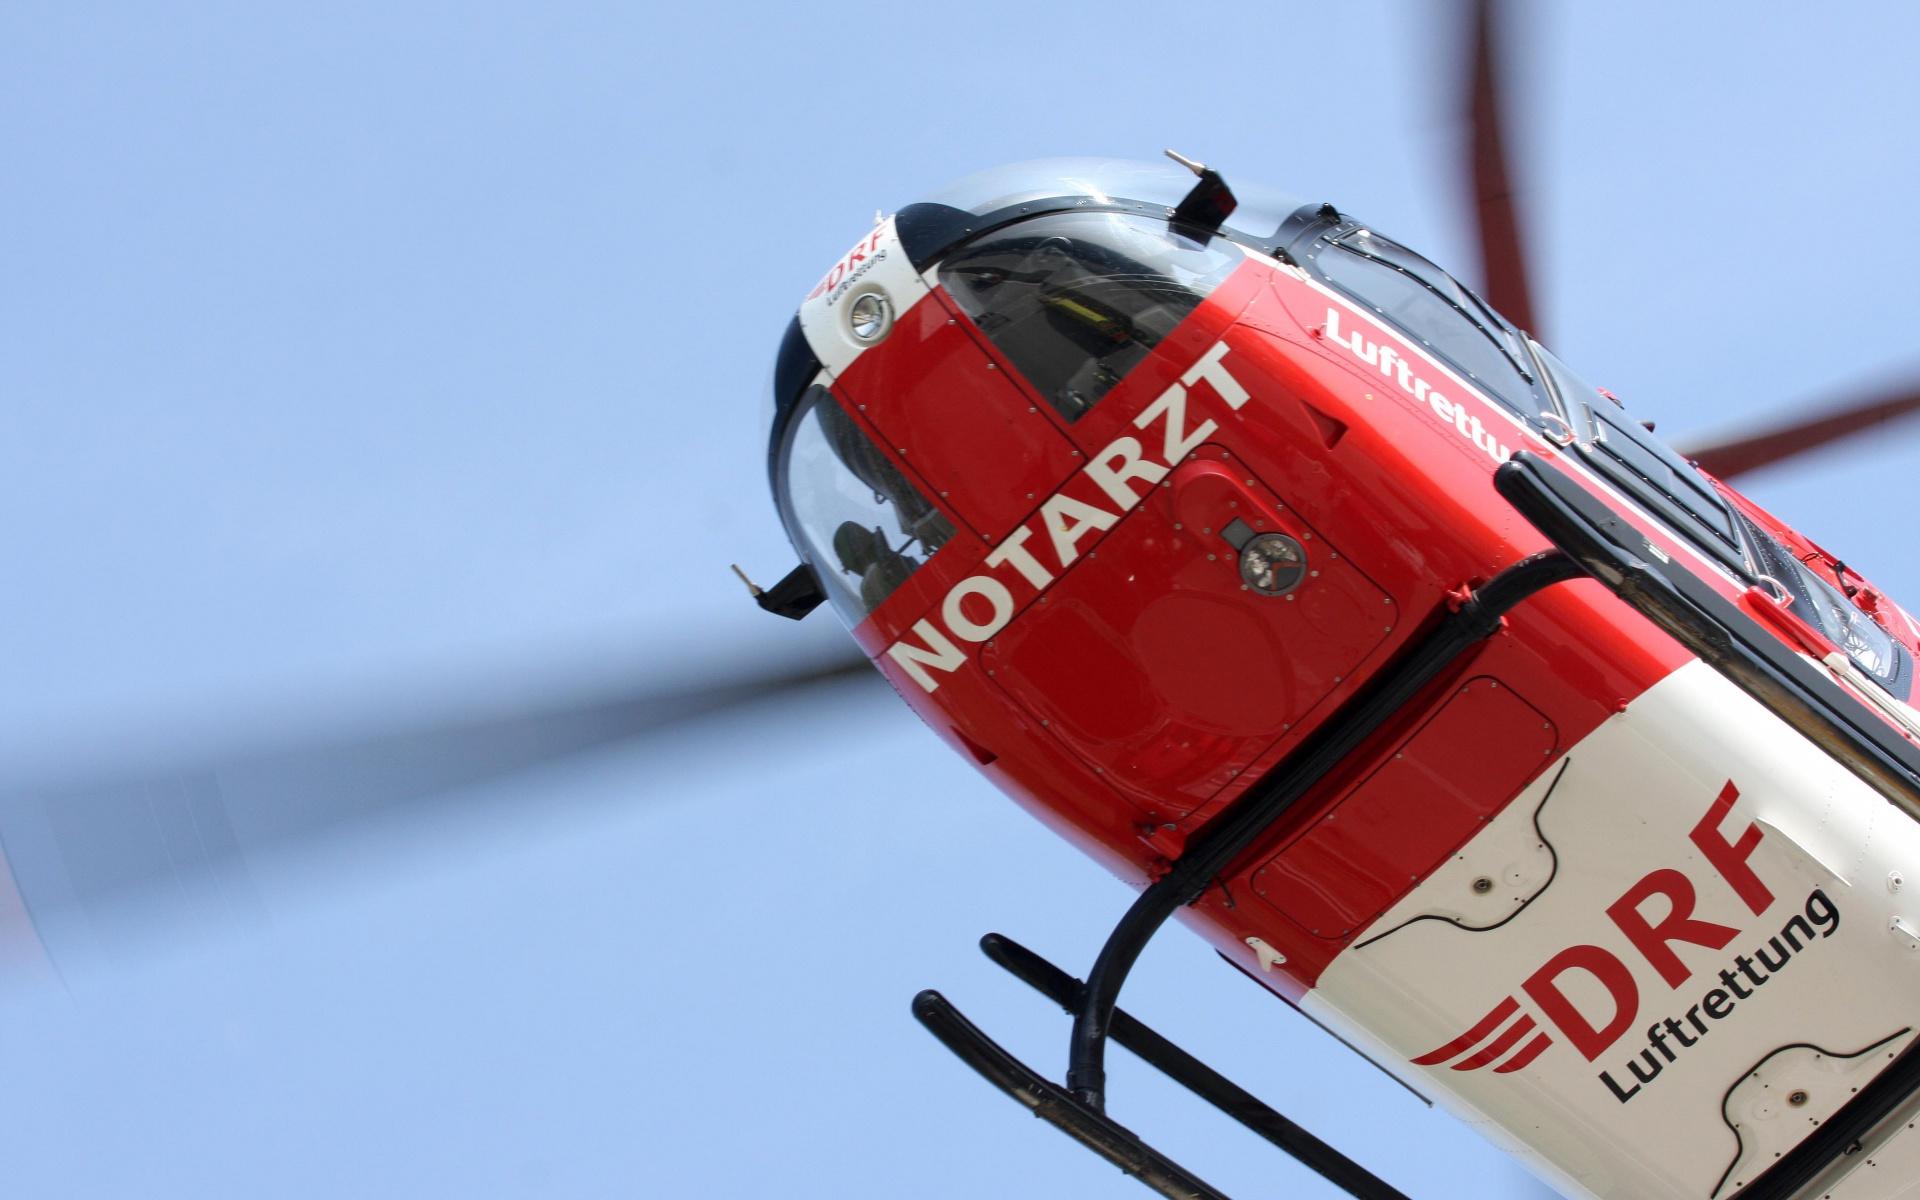 In Lebensgefahr schwebte ein Quadfahrer, nachdem er sich mit seinem Fahrzeug überschlagen hatte. Christoph 37, der Nordhäuser Hubschrauber der DRF Luftrettung, war schnell zur Stelle. Symbolbild.